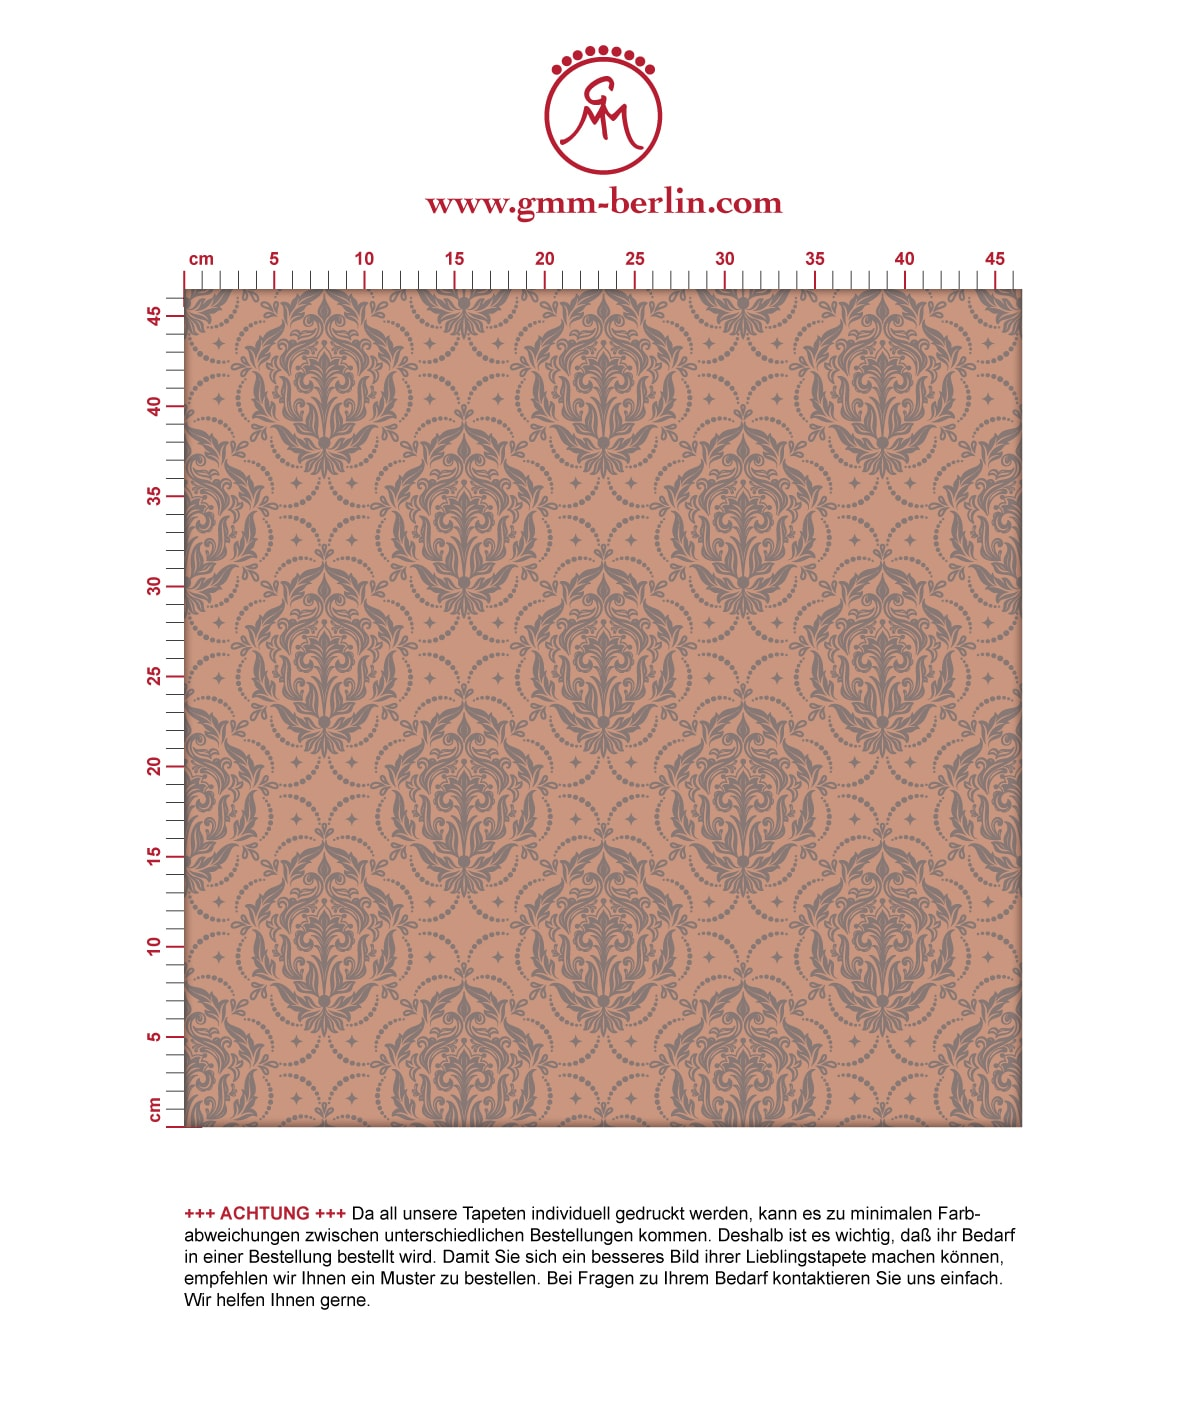 My Castle Ornamenttapete Damast Muster in braun - Design Tapete für Wohnzimmer. Aus dem GMM-BERLIN.com Sortiment: Schöne Tapeten in der Farbe: braun